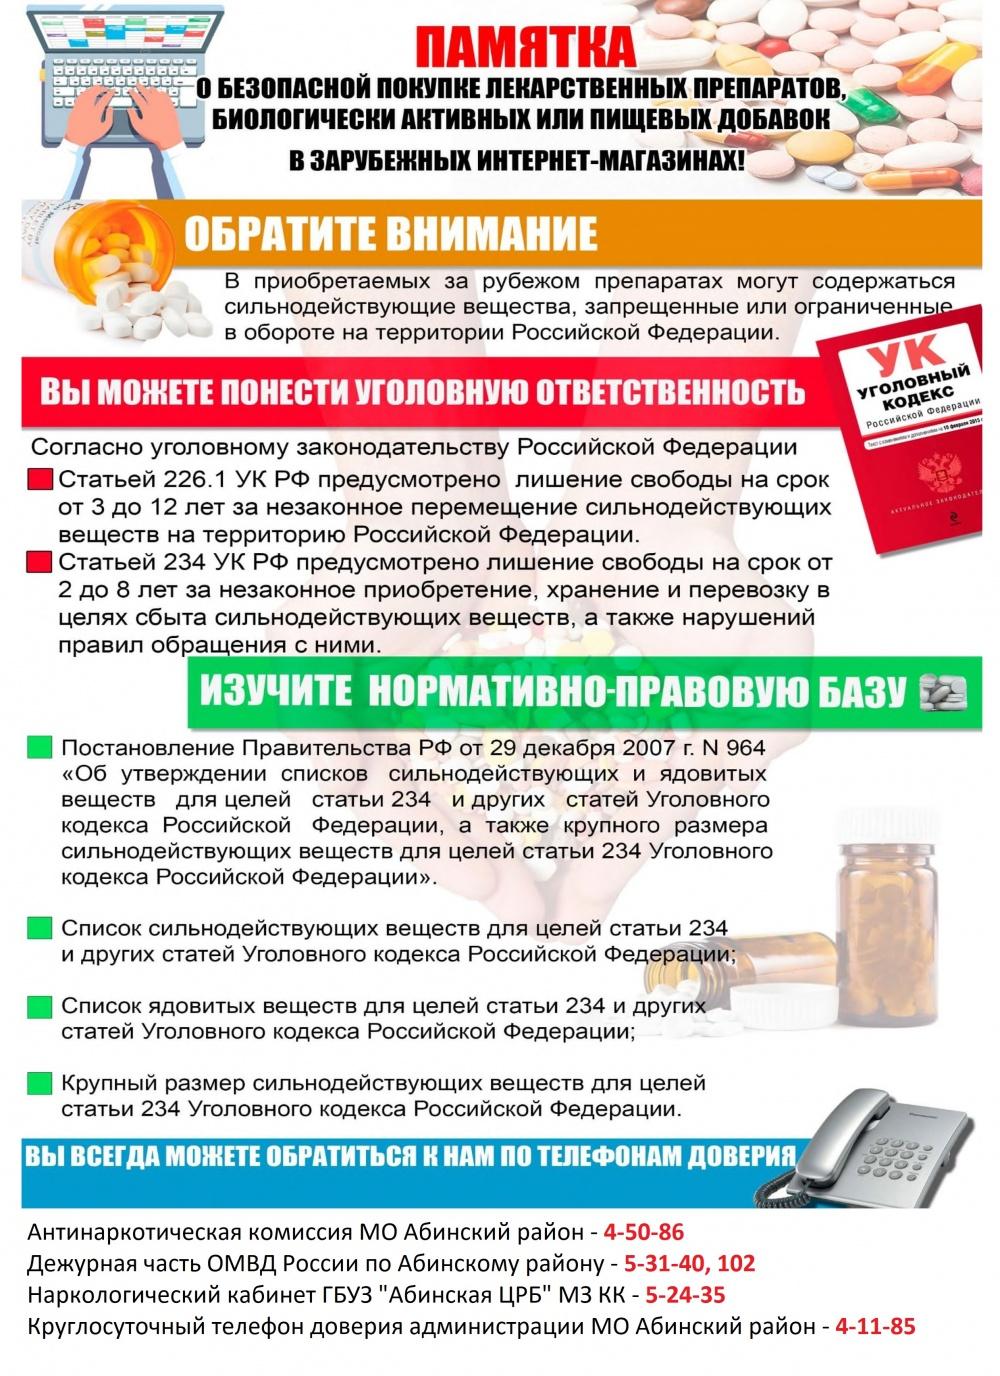 Памятка о безопасной покупке лекарственных препаратов, биологически активных и пищевых добавок в зарубежных интрнет-магазинах